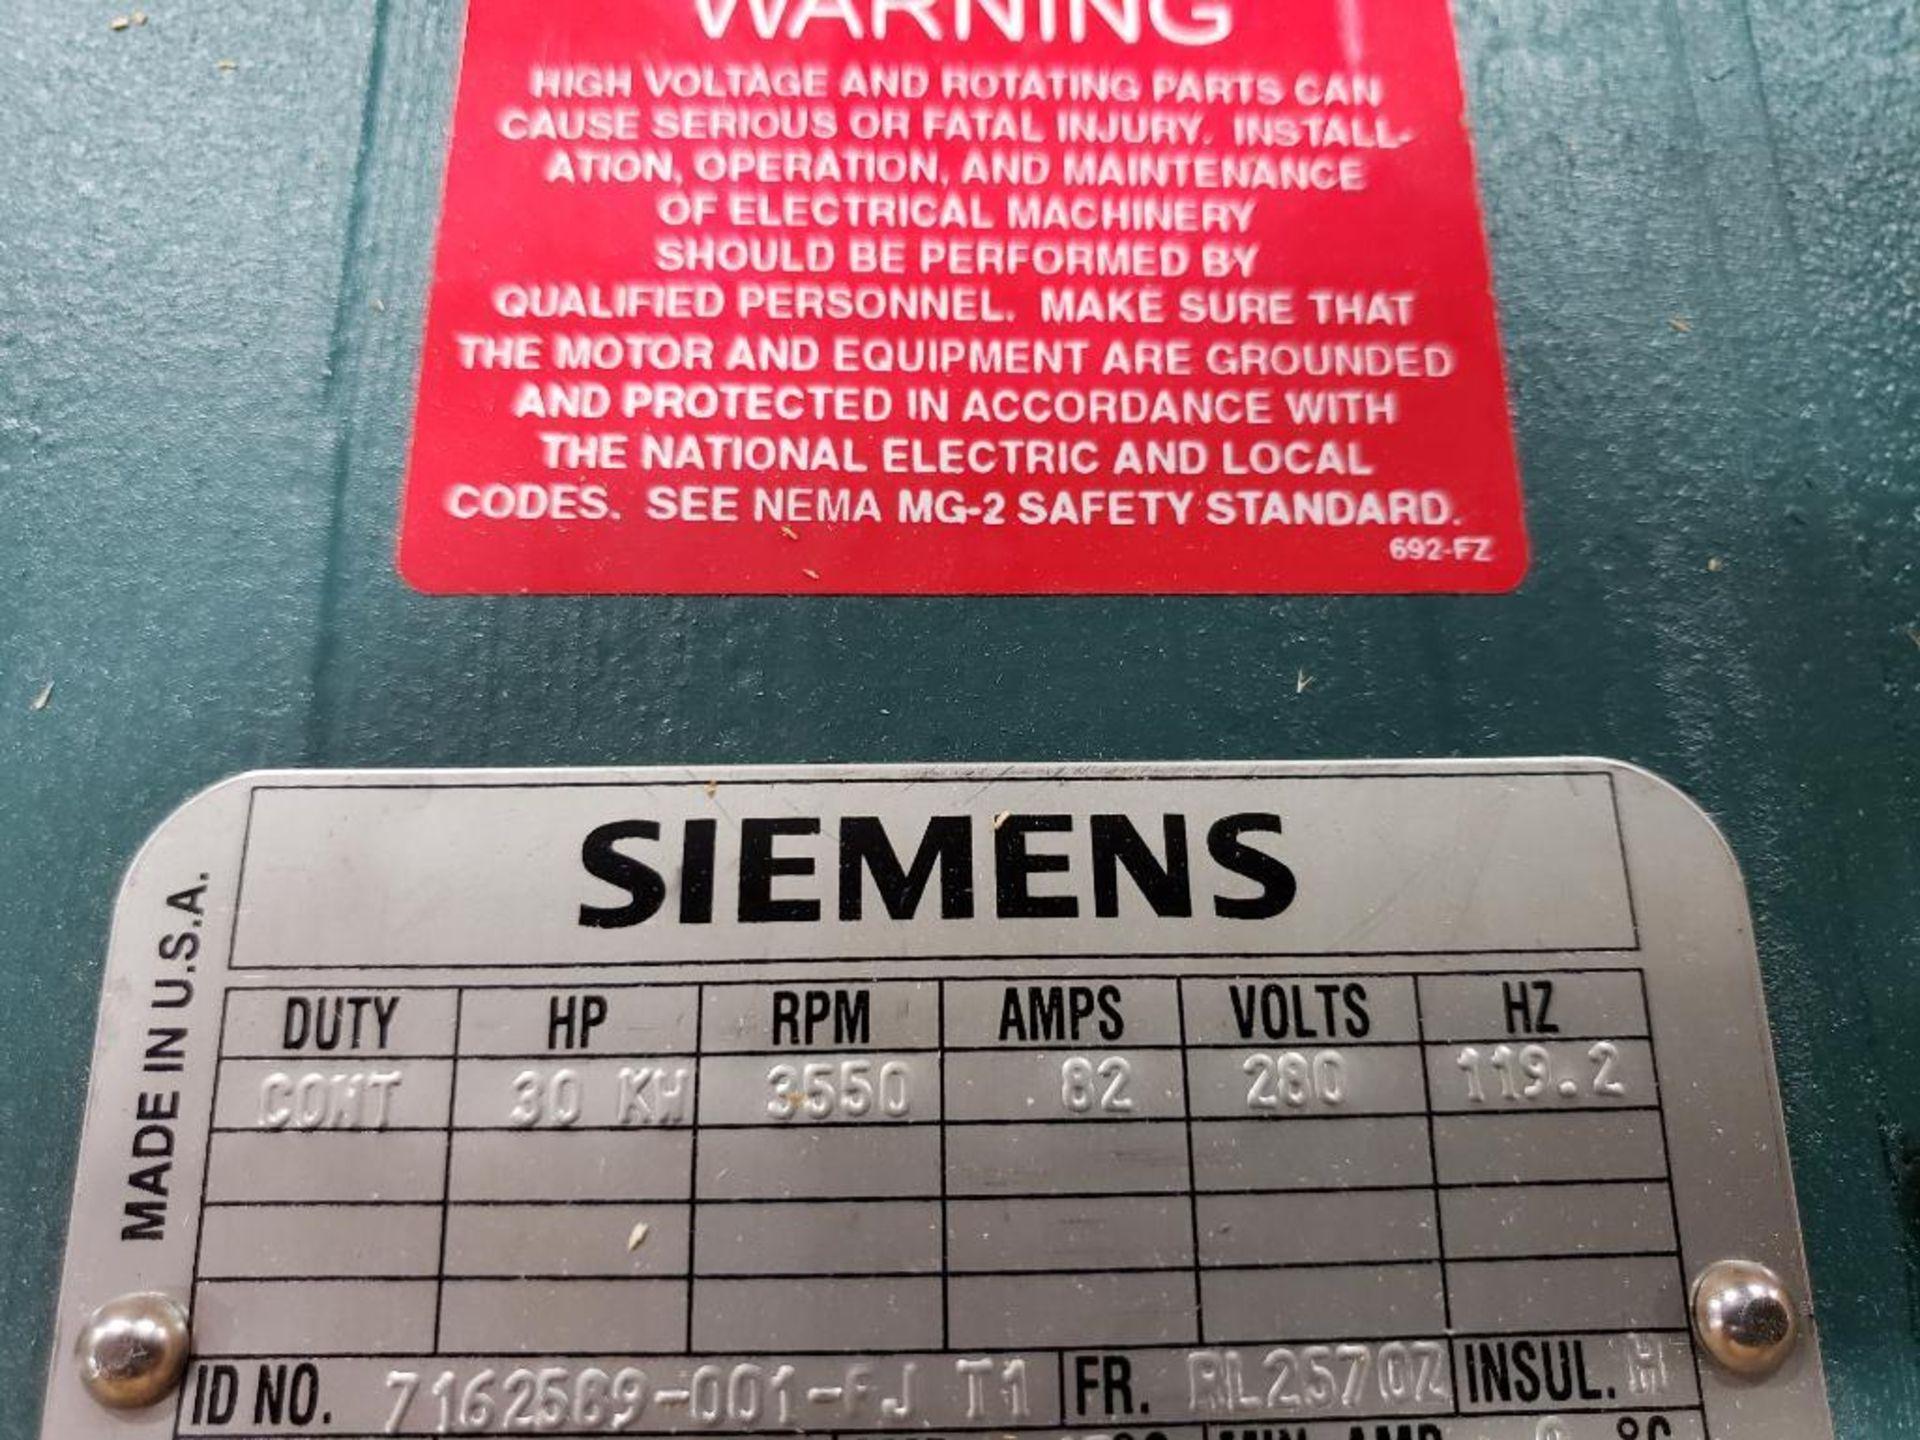 30kW Siemens 3PH Motor. 6986722-001-CJT3. 280V, 3550RM, RL2570Z-Frame. - Image 3 of 8